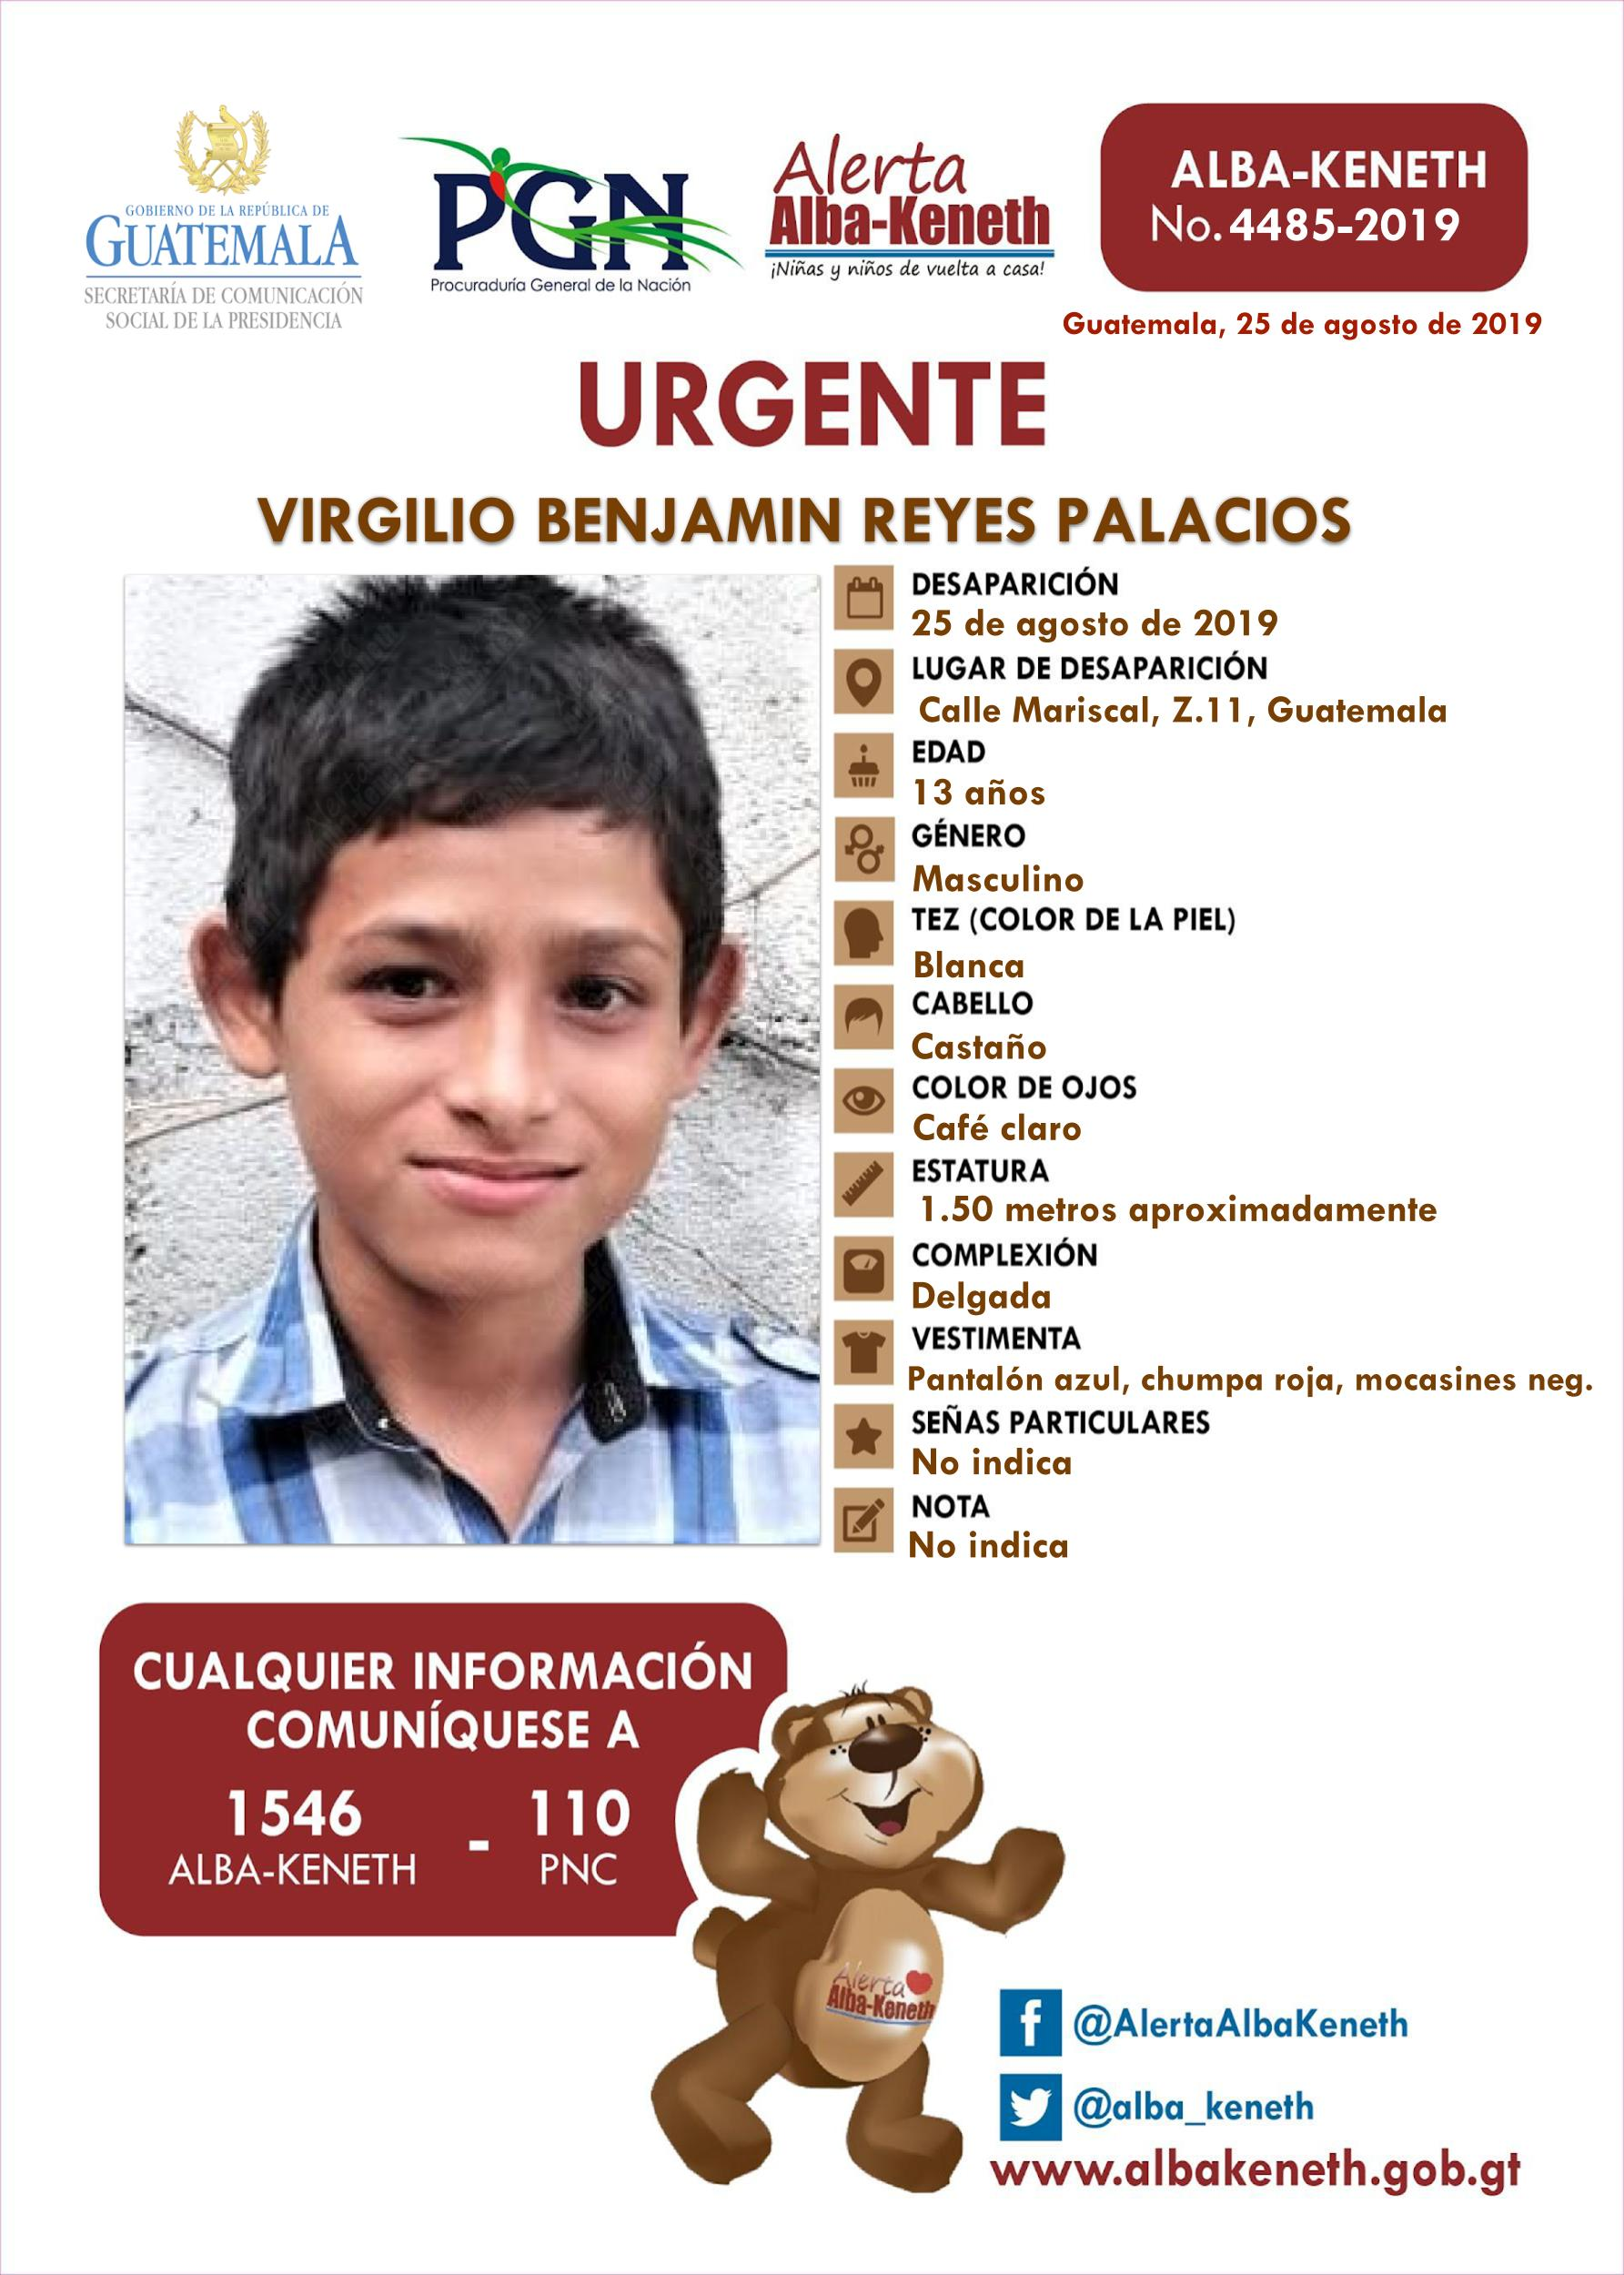 Virgilio Benjamin Reyes Palacios